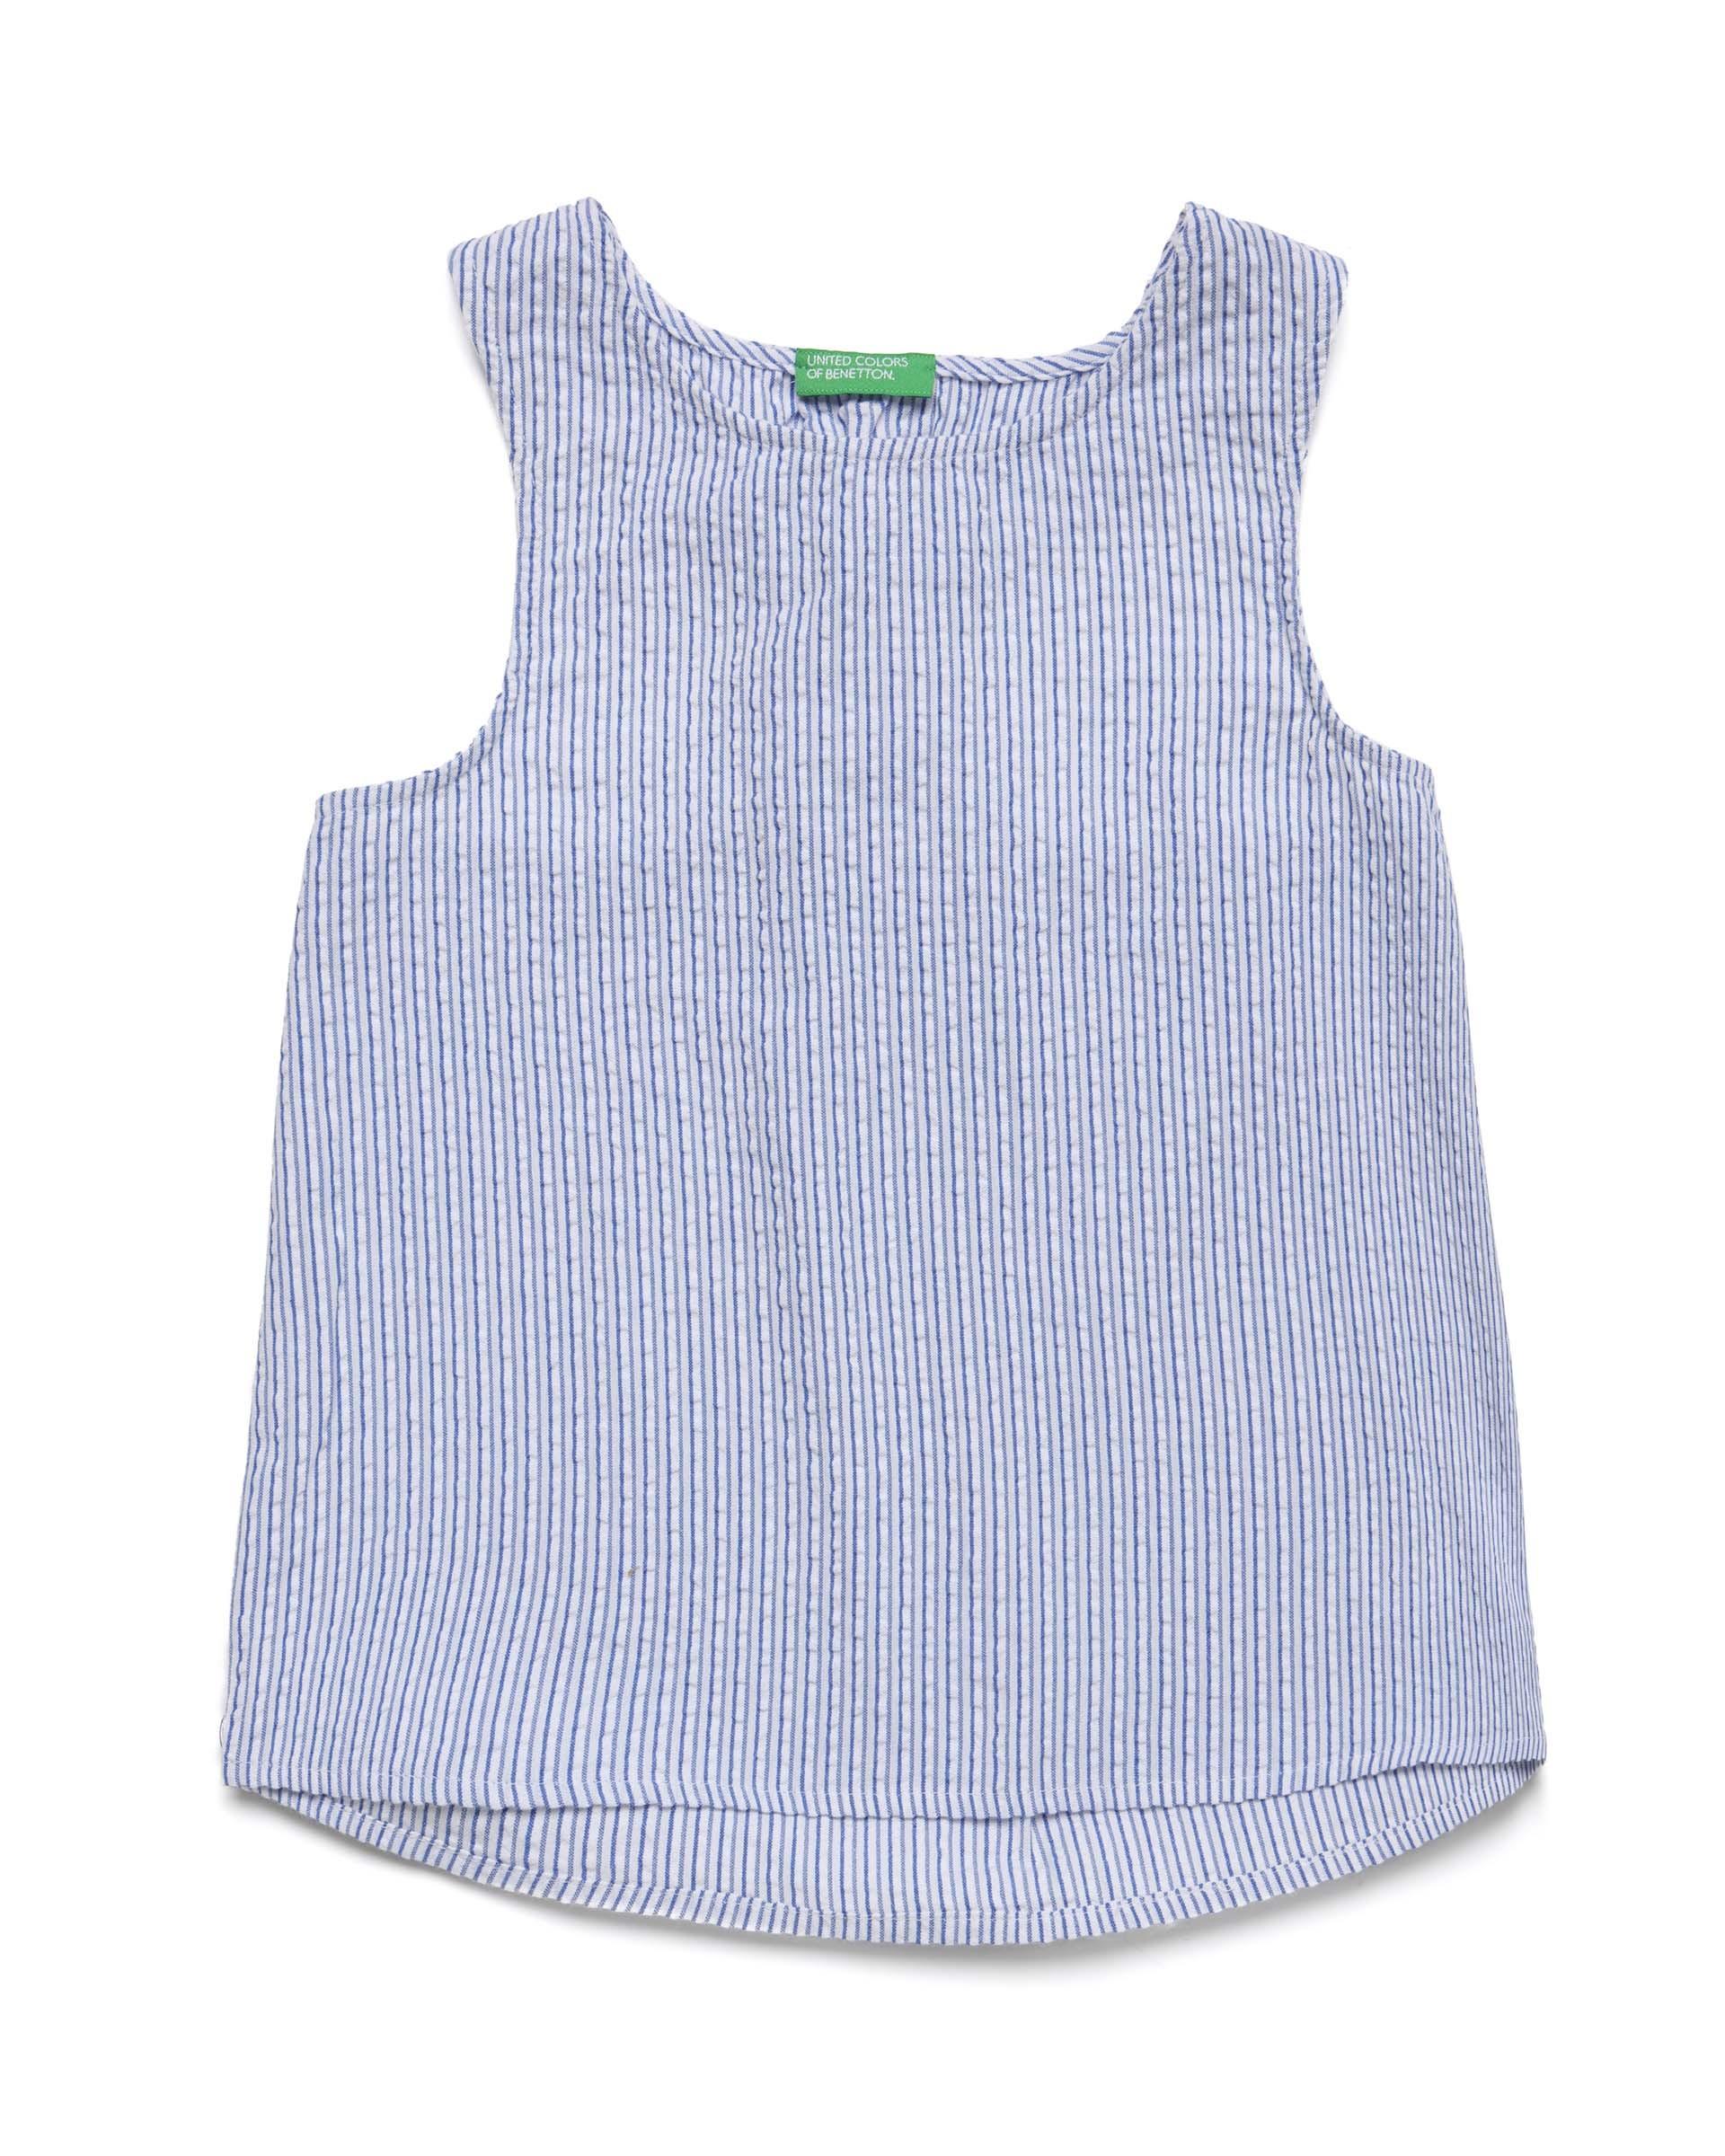 Купить 20P_5OV05T1D0_901, Блуза без рукавов для девочек Benetton 5OV05T1D0_901 р-р 140, United Colors of Benetton, Блузки для девочек